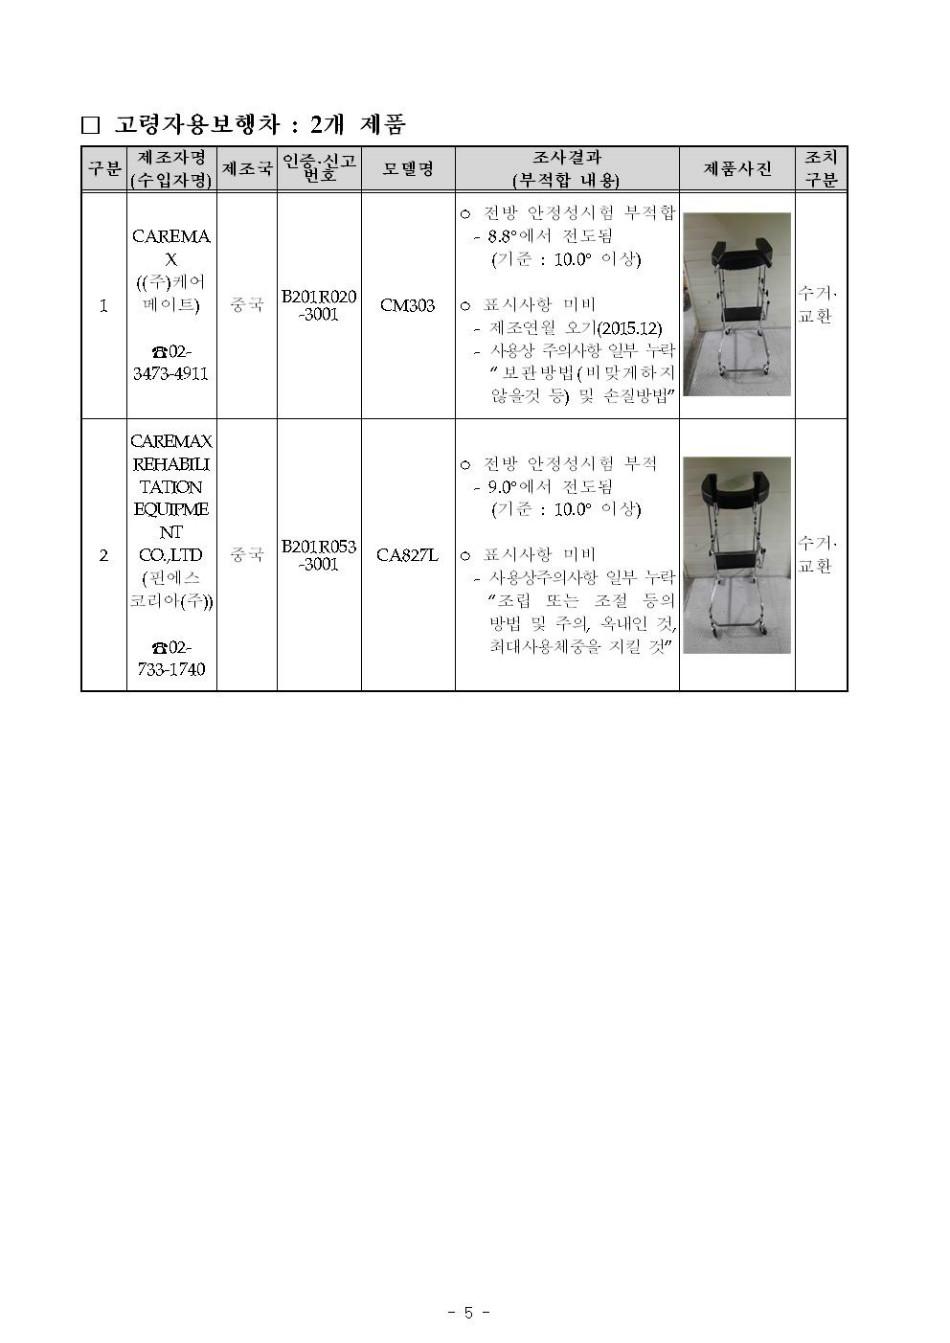 150916 신학기 학생용품, 고령자용보행차_보도자료_16일 조간_수정005.jpg